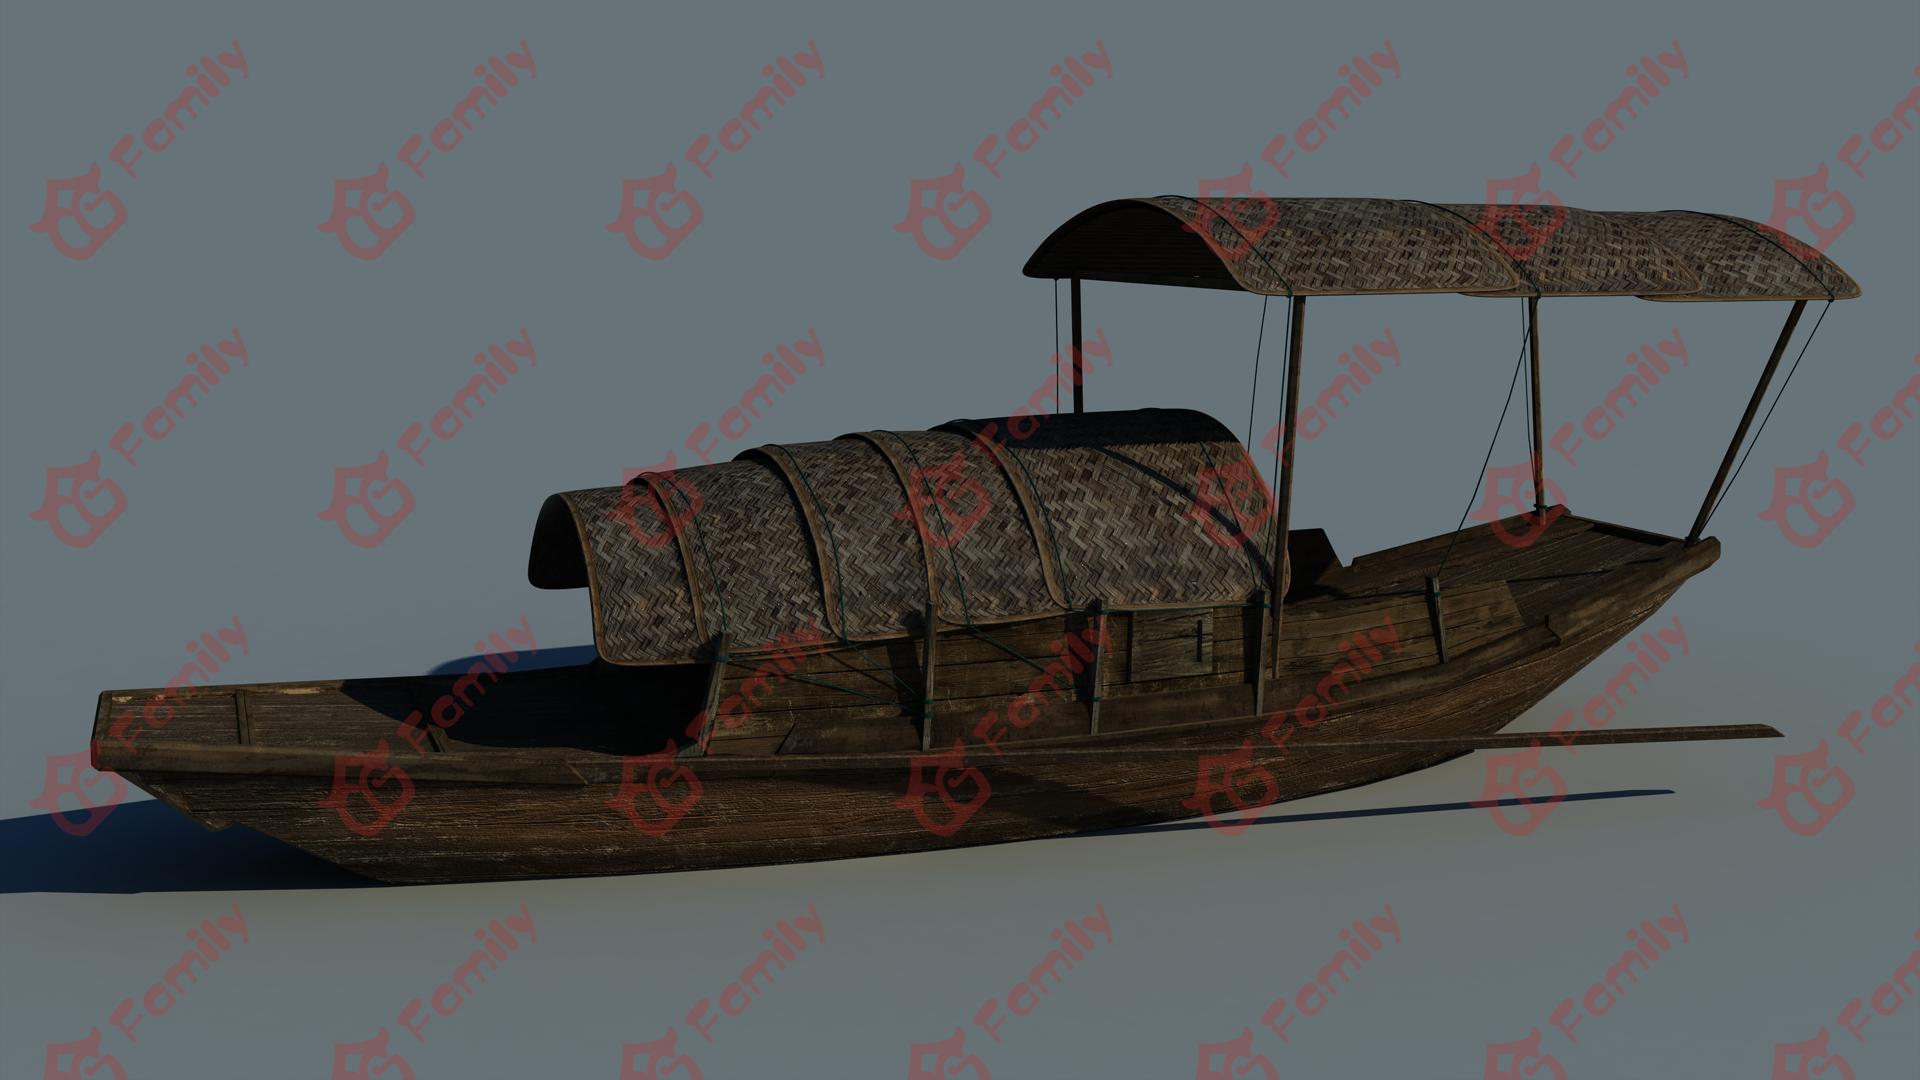 江南乌篷船3D模型下载